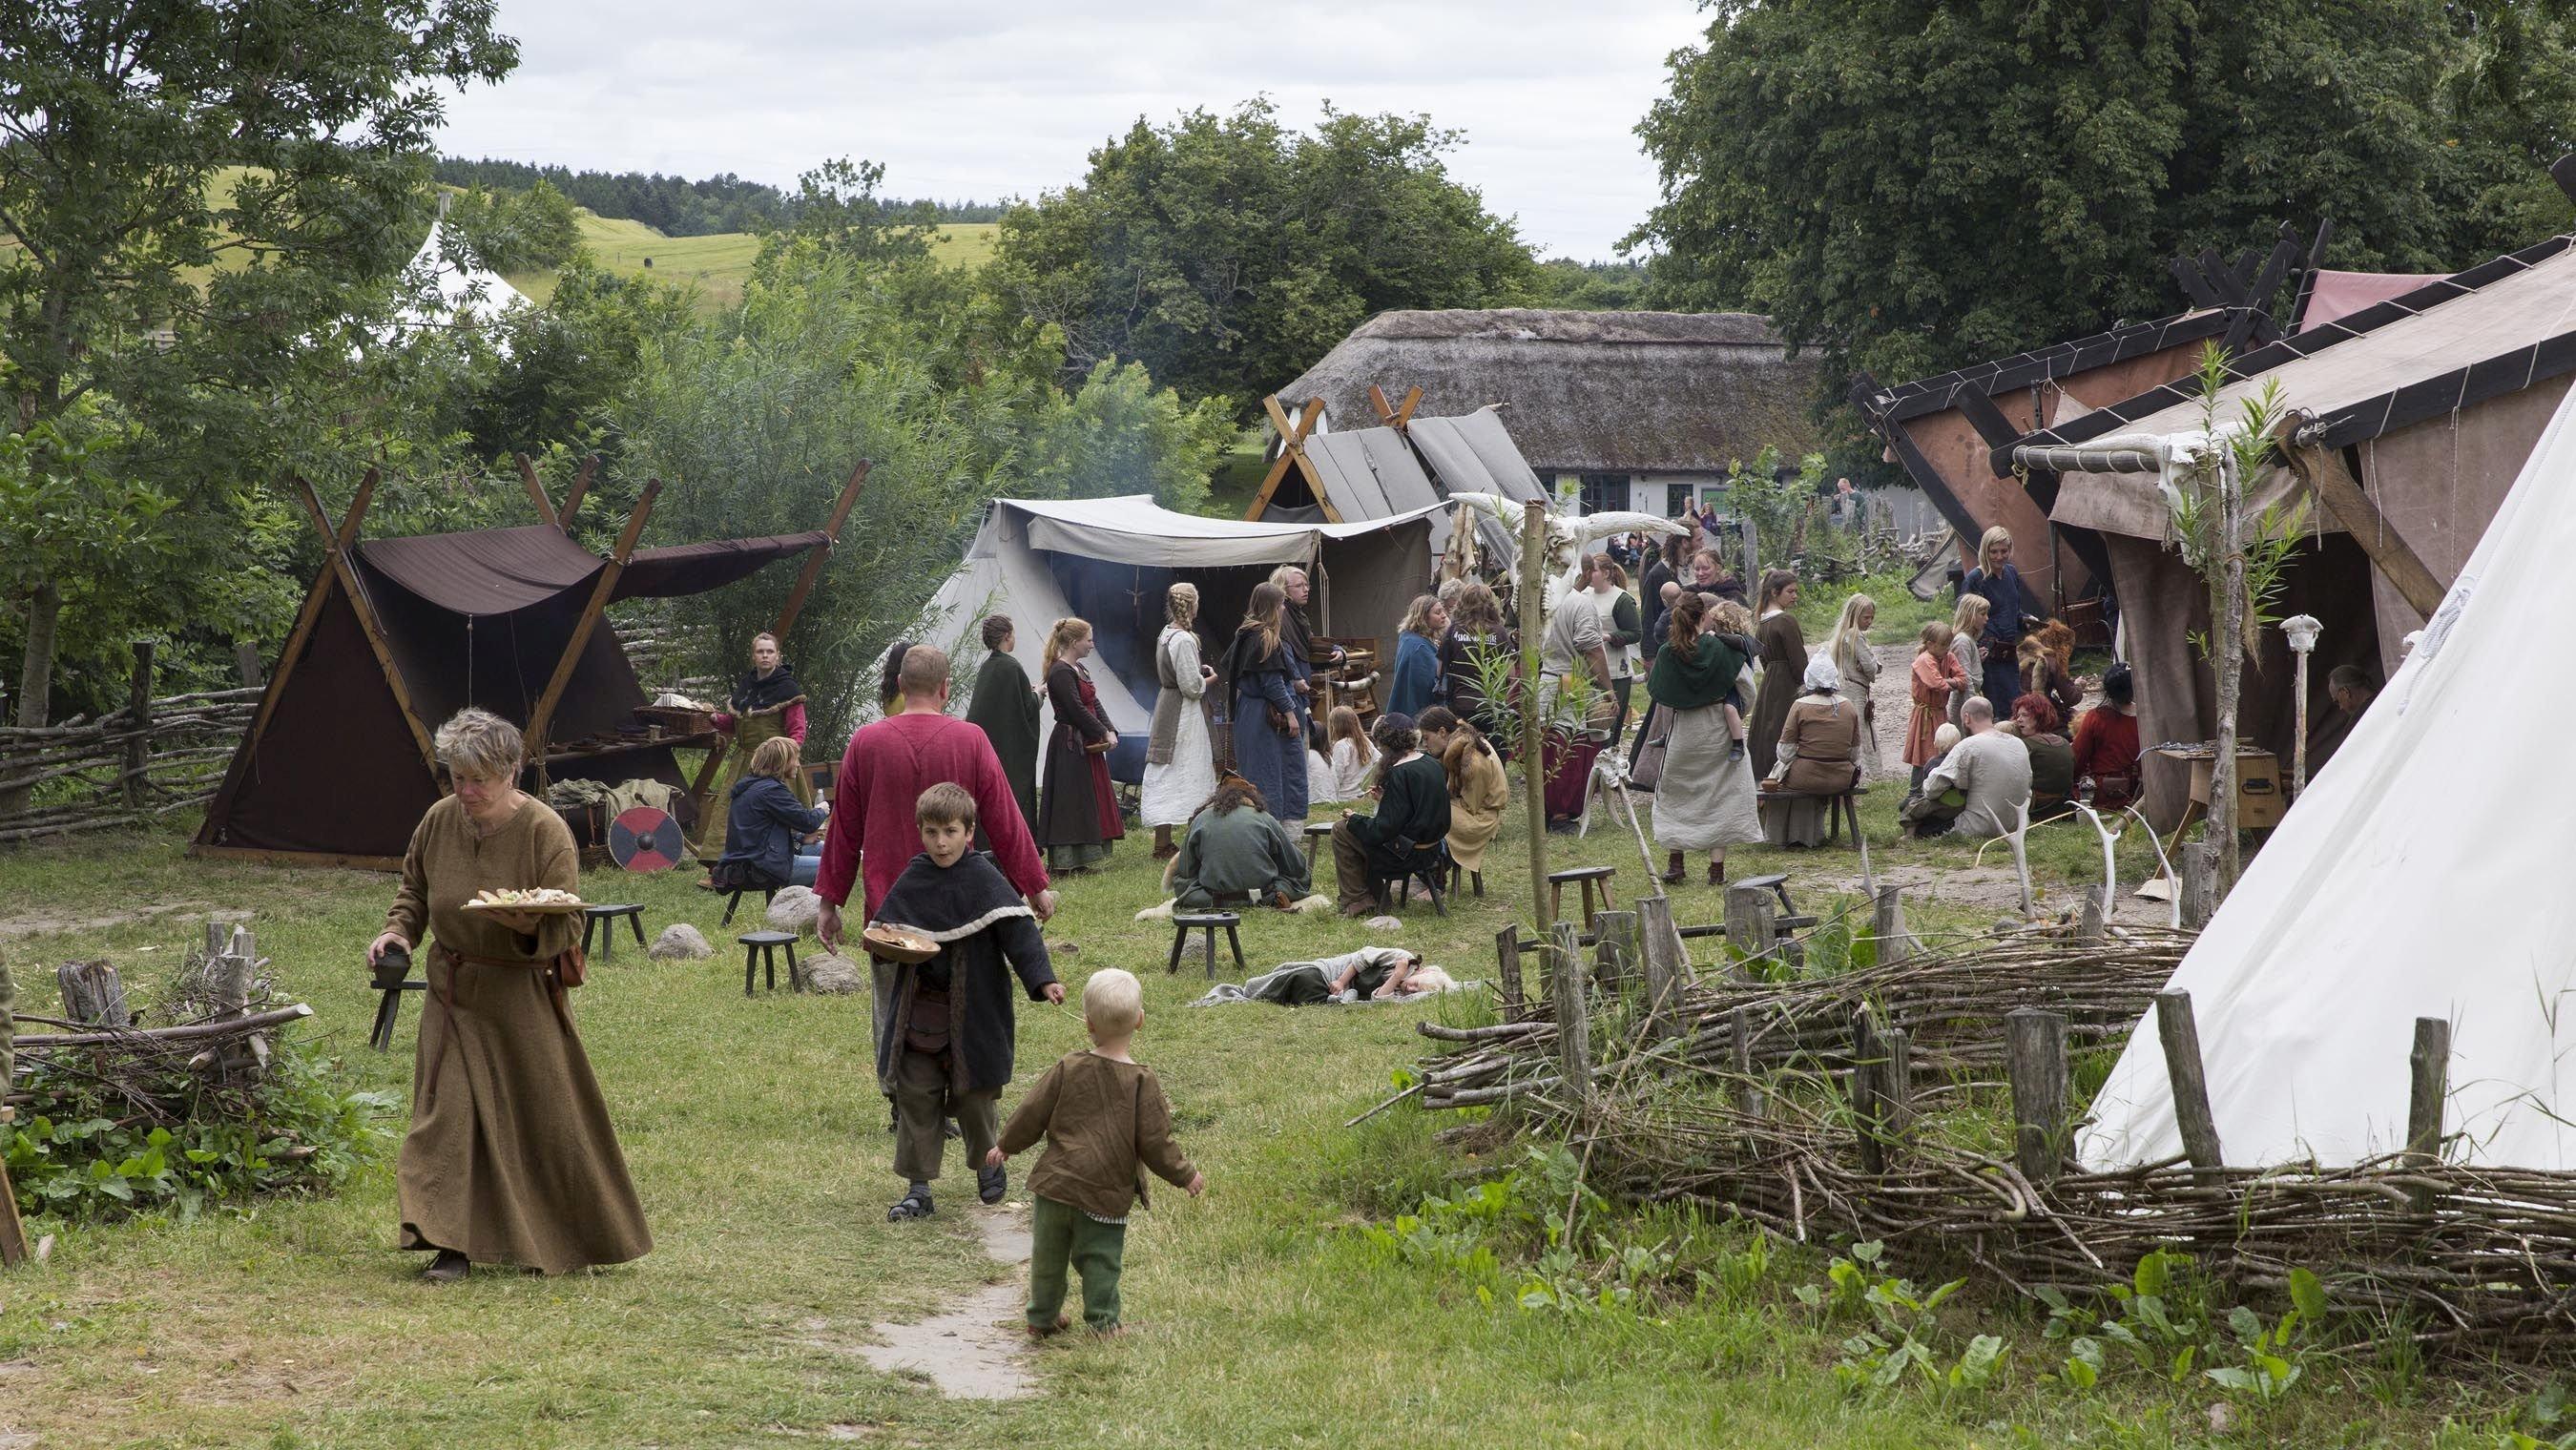 Vikingernes daglige liv gik blandt andet med at arbejde i marken, handle og lave mad. Billedet her viser, hvordan en markedsplads i vikingetiden måske har set ud.